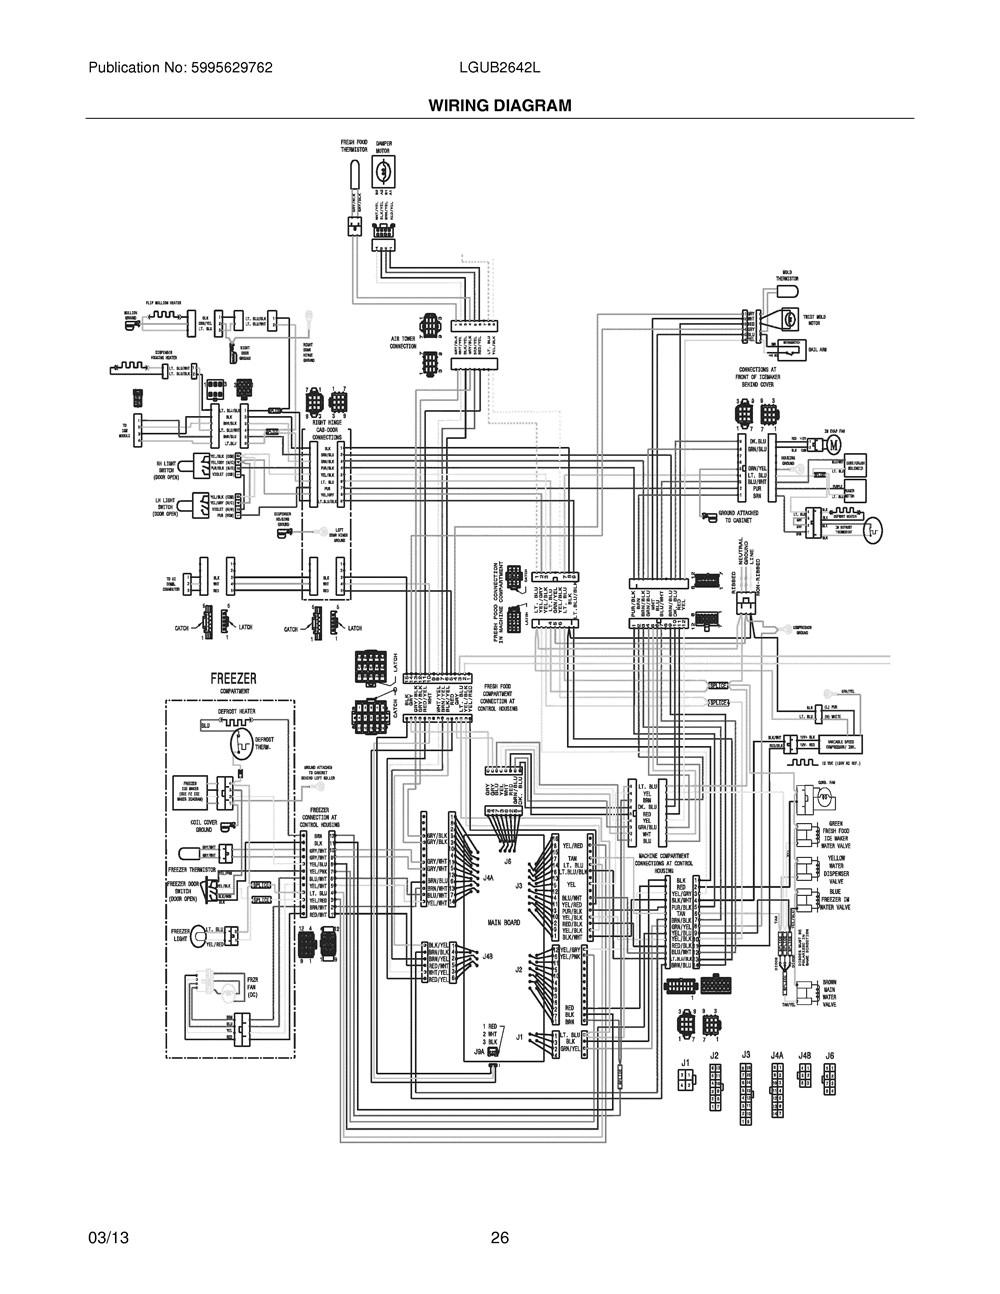 Lgub2642lf8 Frigidaire Company Lowe Wiring Diagram